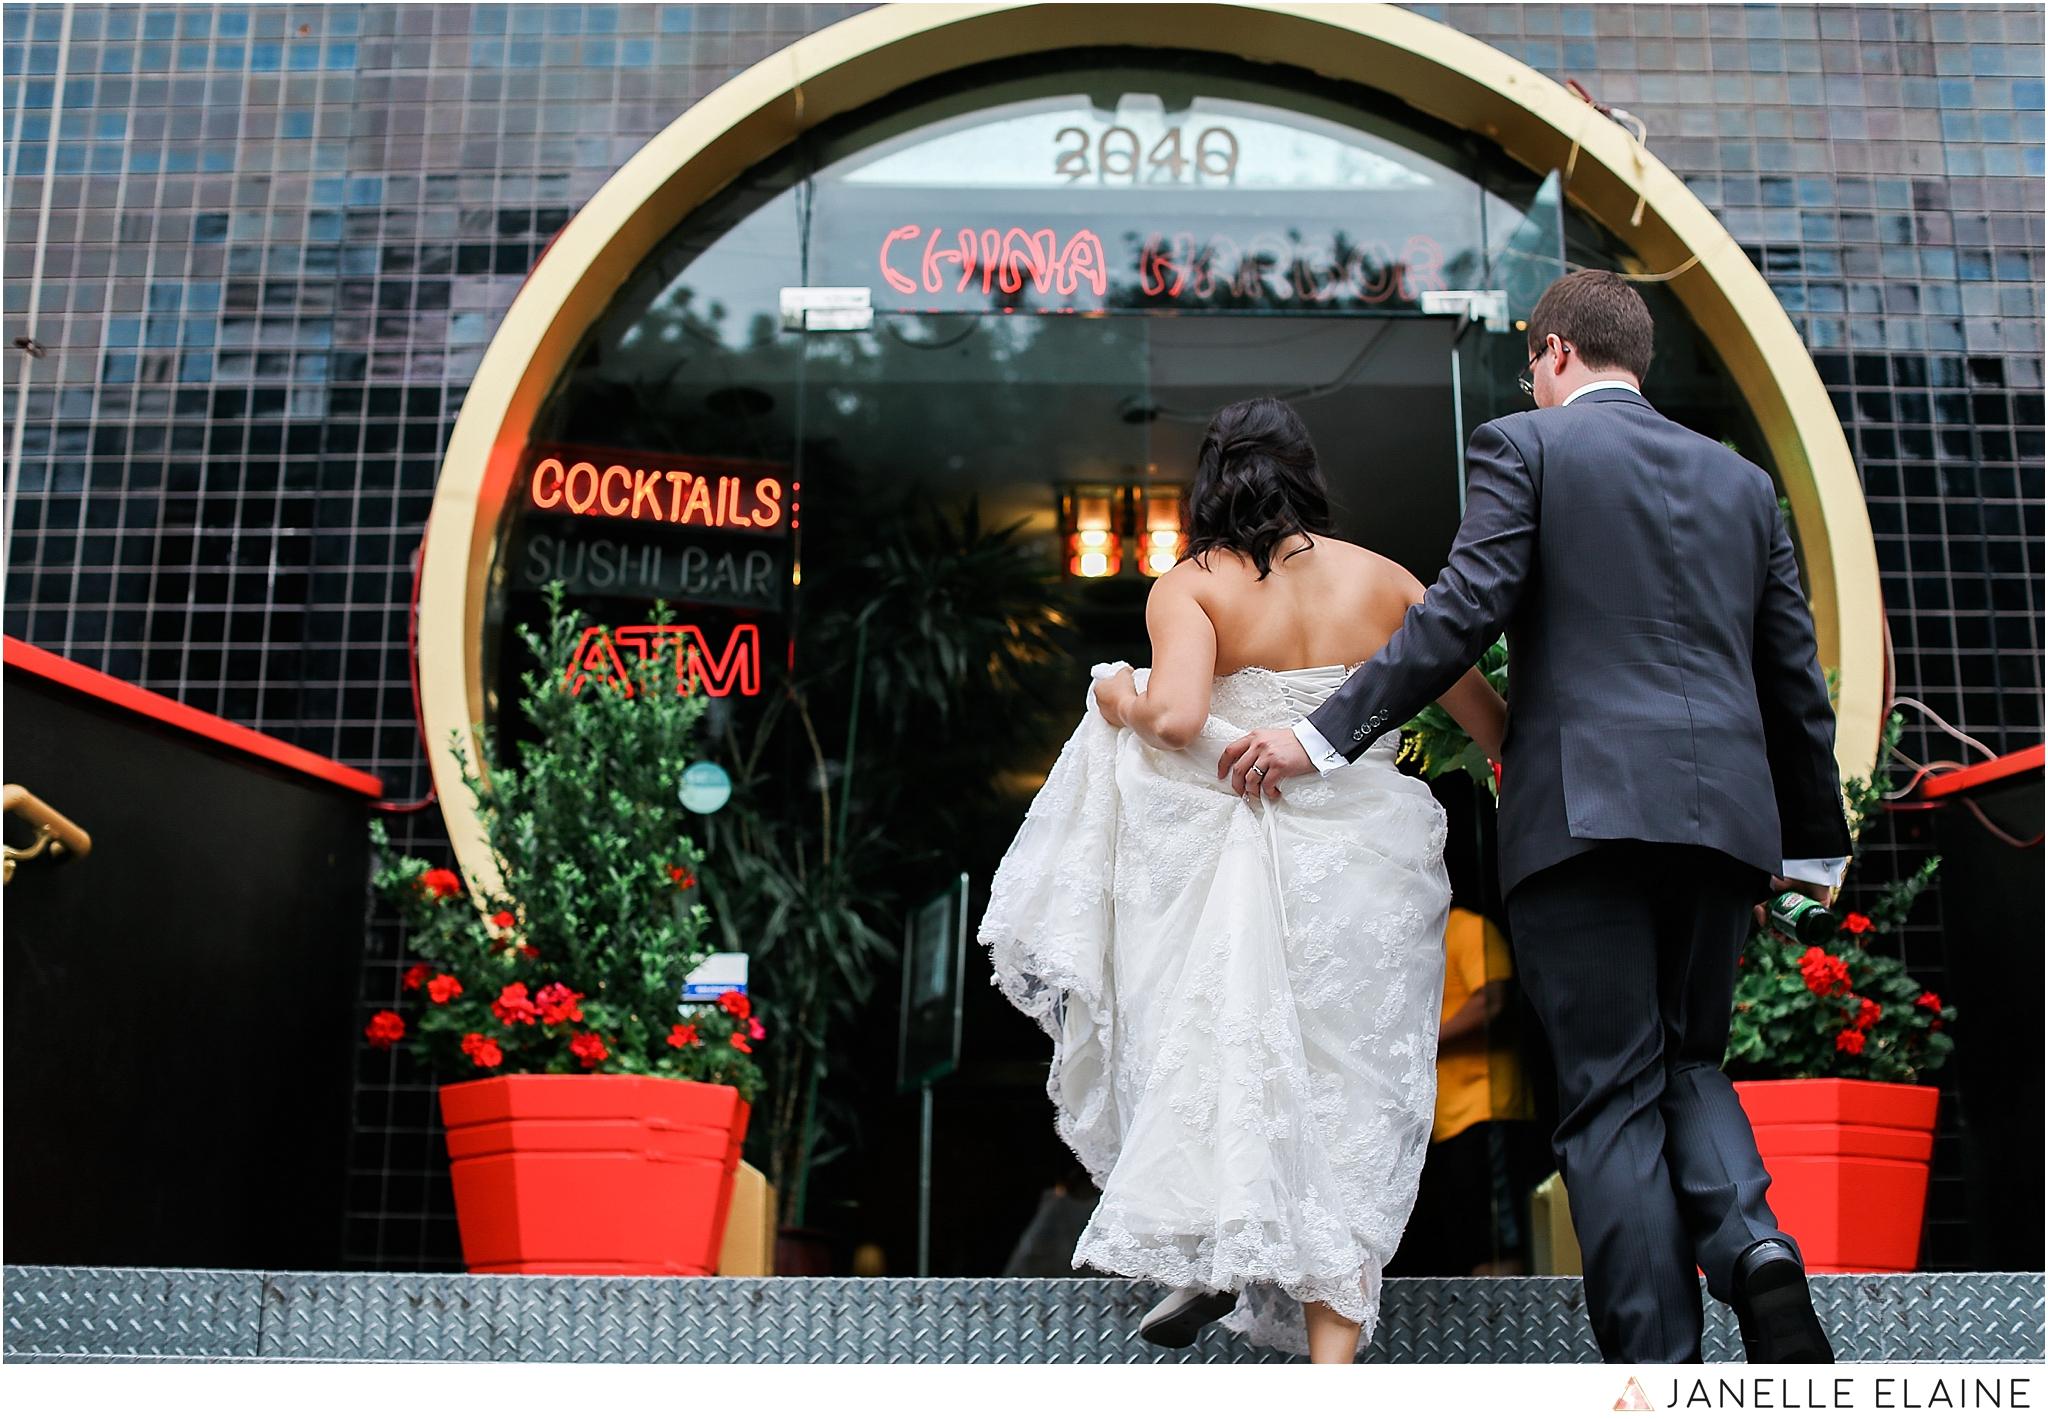 janelle elaine photography-professional wedding photographer seattle--93.jpg